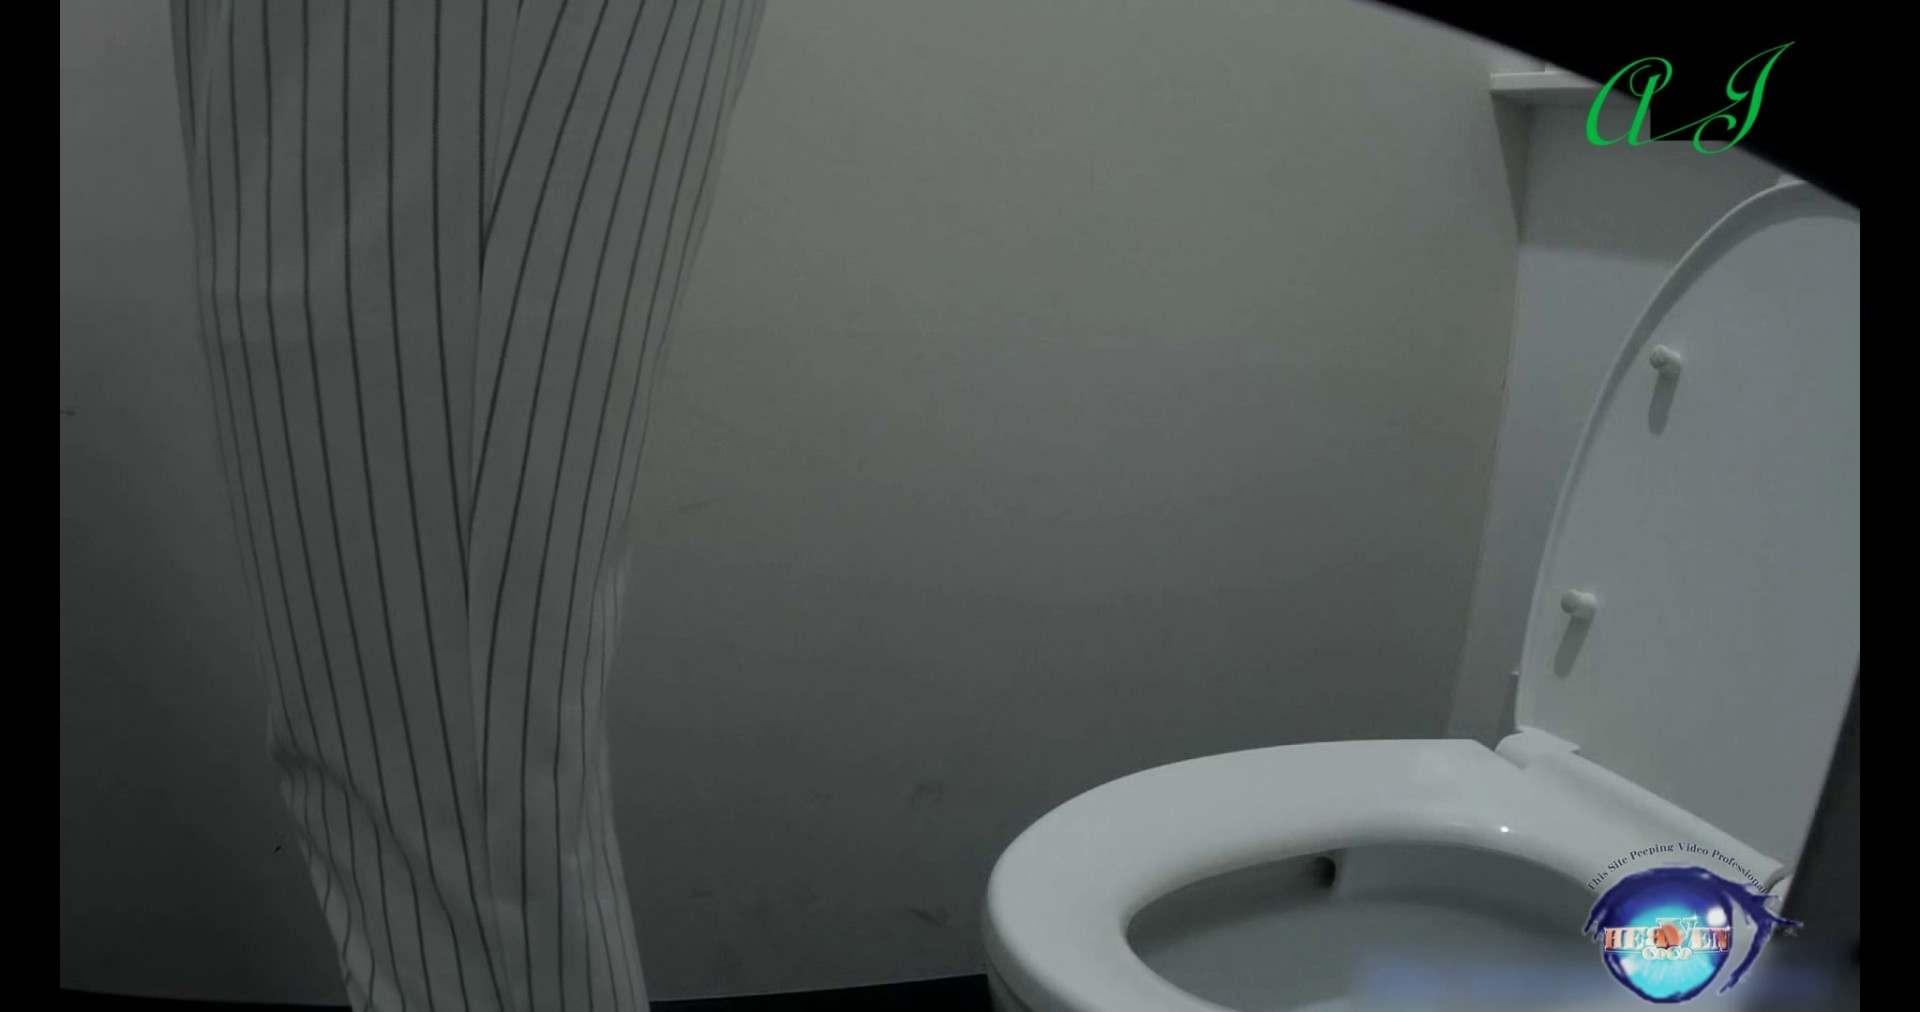 素敵なパンストお姉さん 有名大学女性洗面所 vol.73 投稿 おめこ無修正動画無料 72画像 35